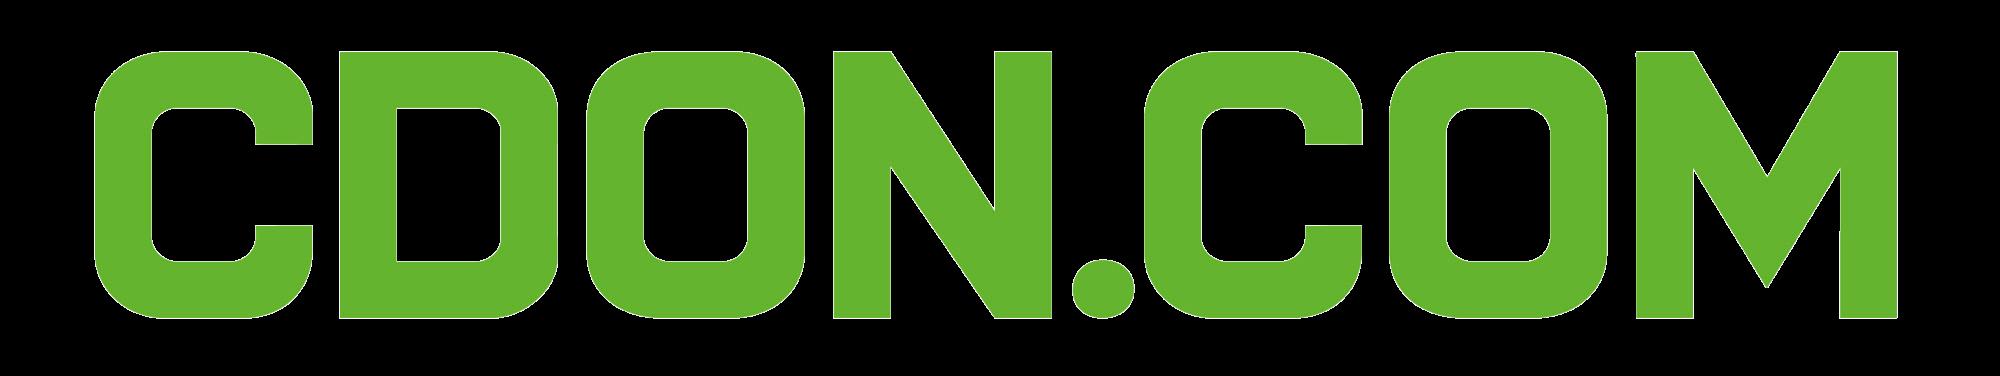 cdon.com logo